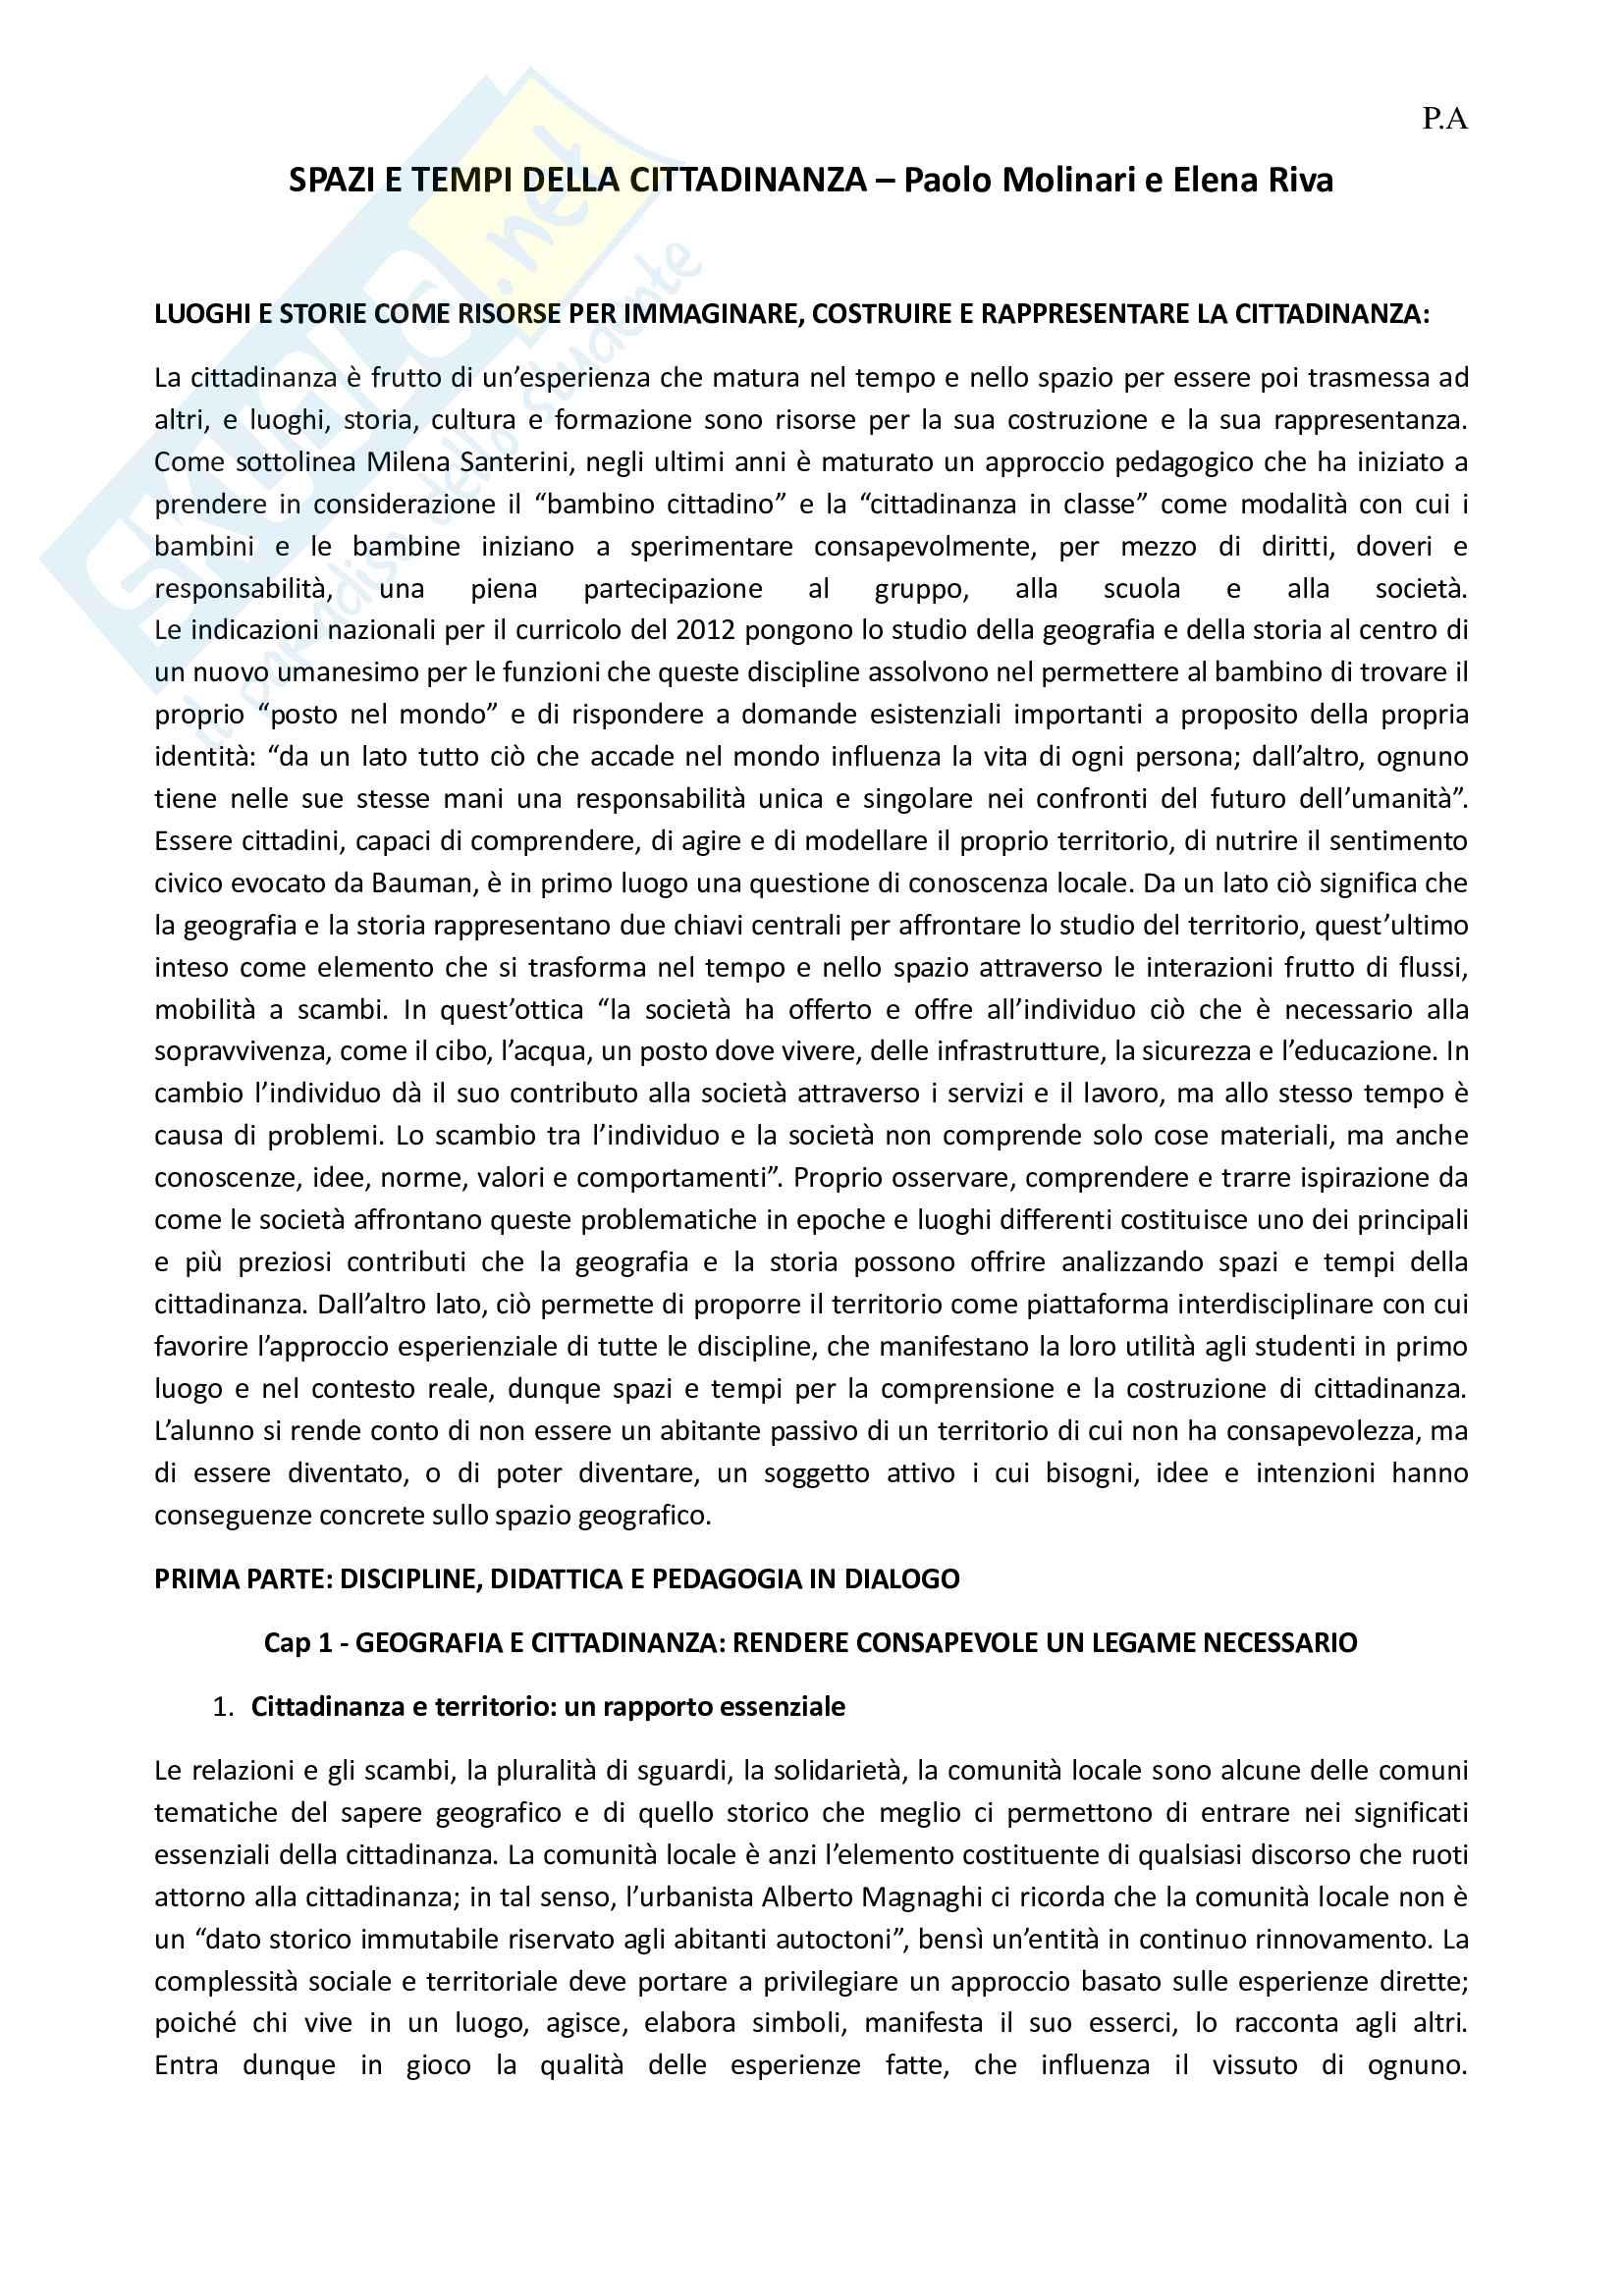 Riassunto esame di geografia, prof. Molinari, libro consigliato Spazi e tempi per la cittadinanza, Molinari, Riva